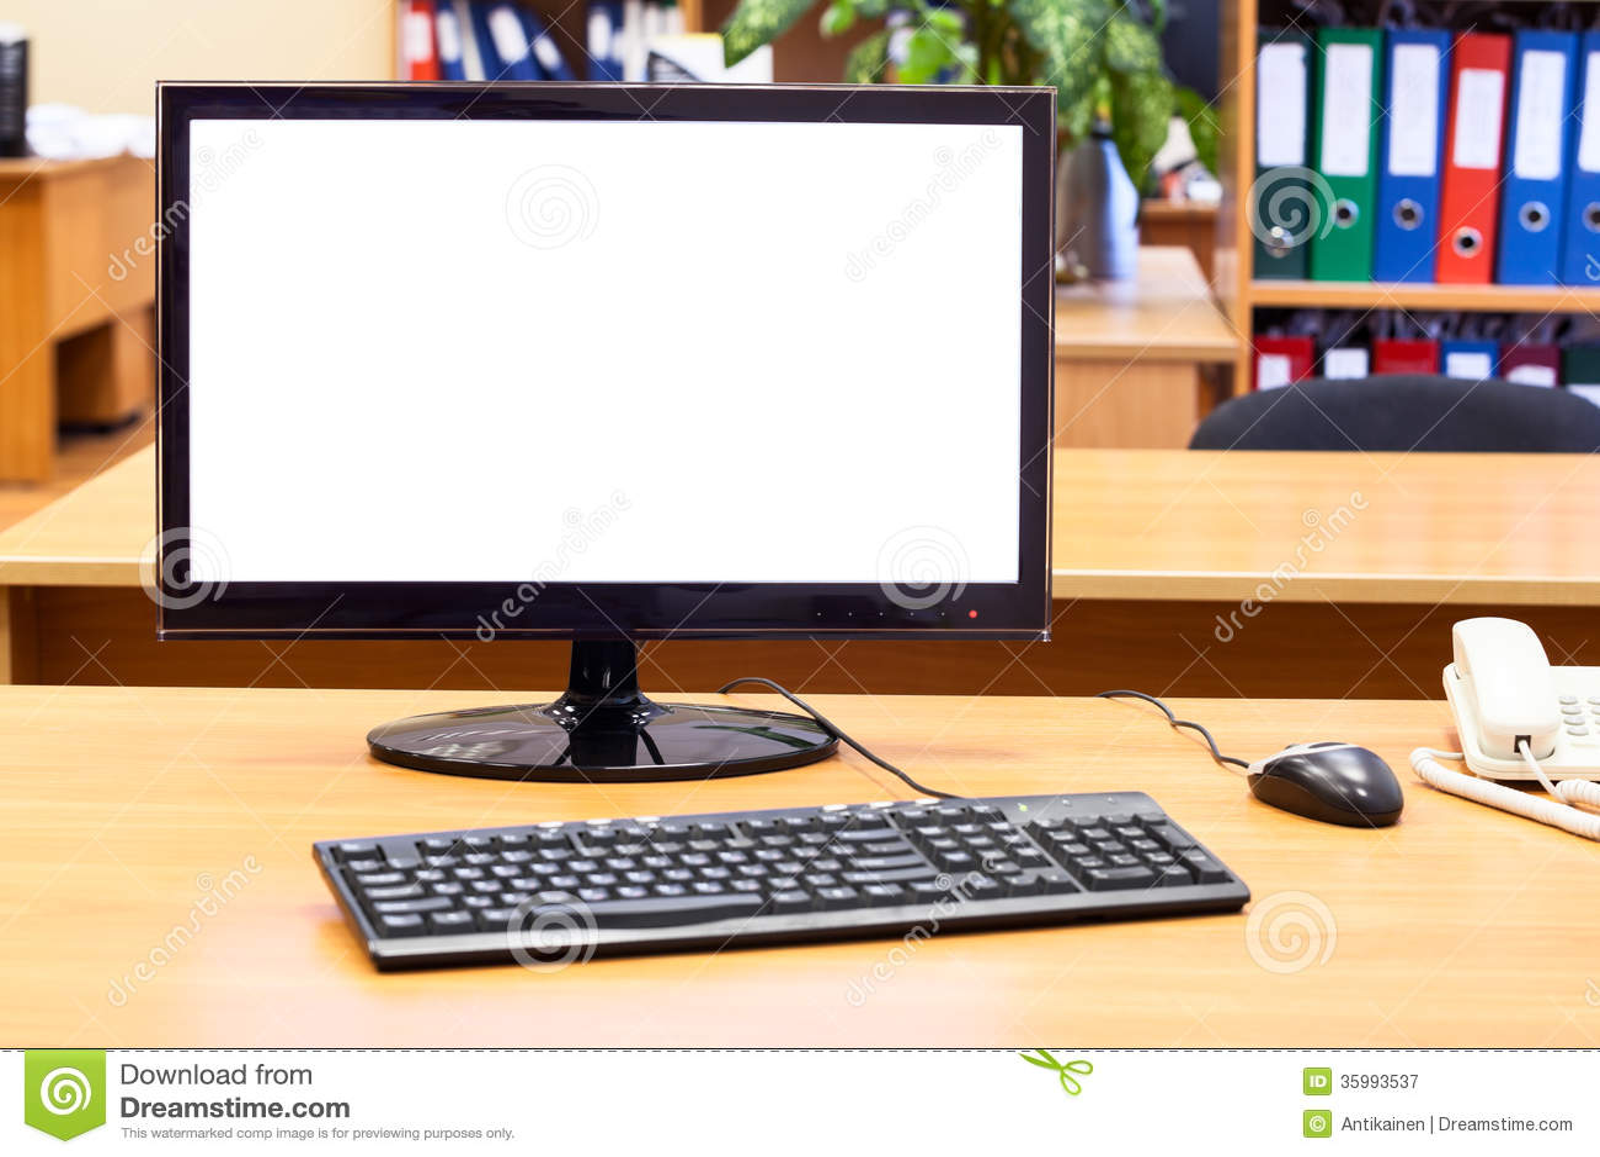 Monitor, teclado, ratón del ordenador en el escritorio de oficina